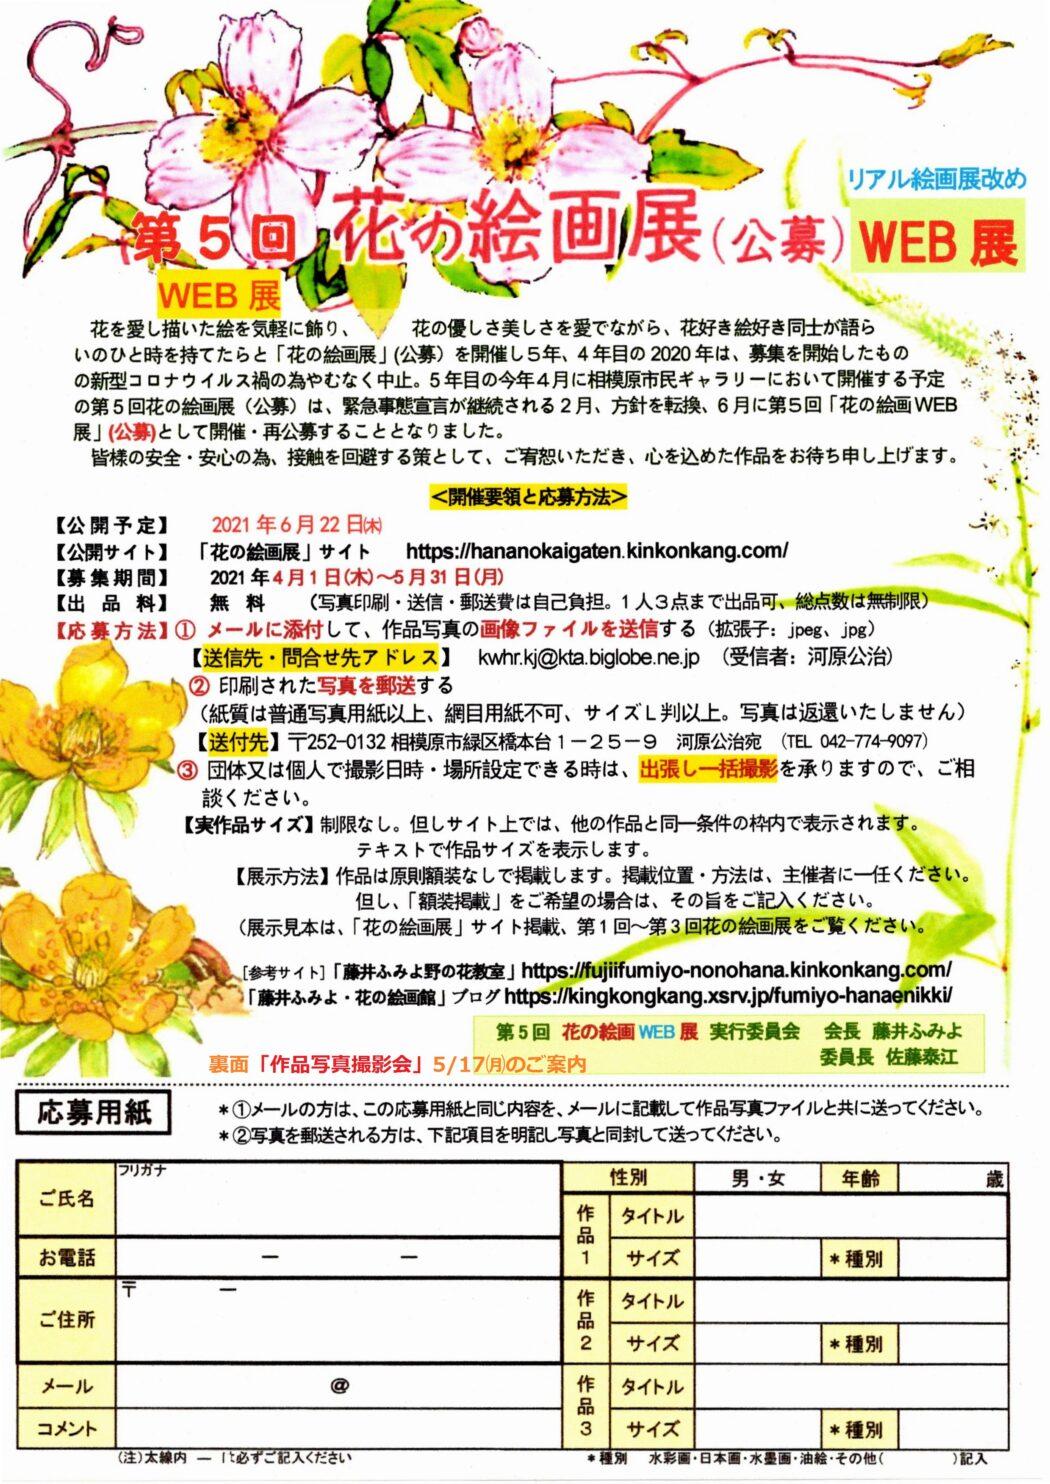 第5回花の絵画WEB展裏面案内